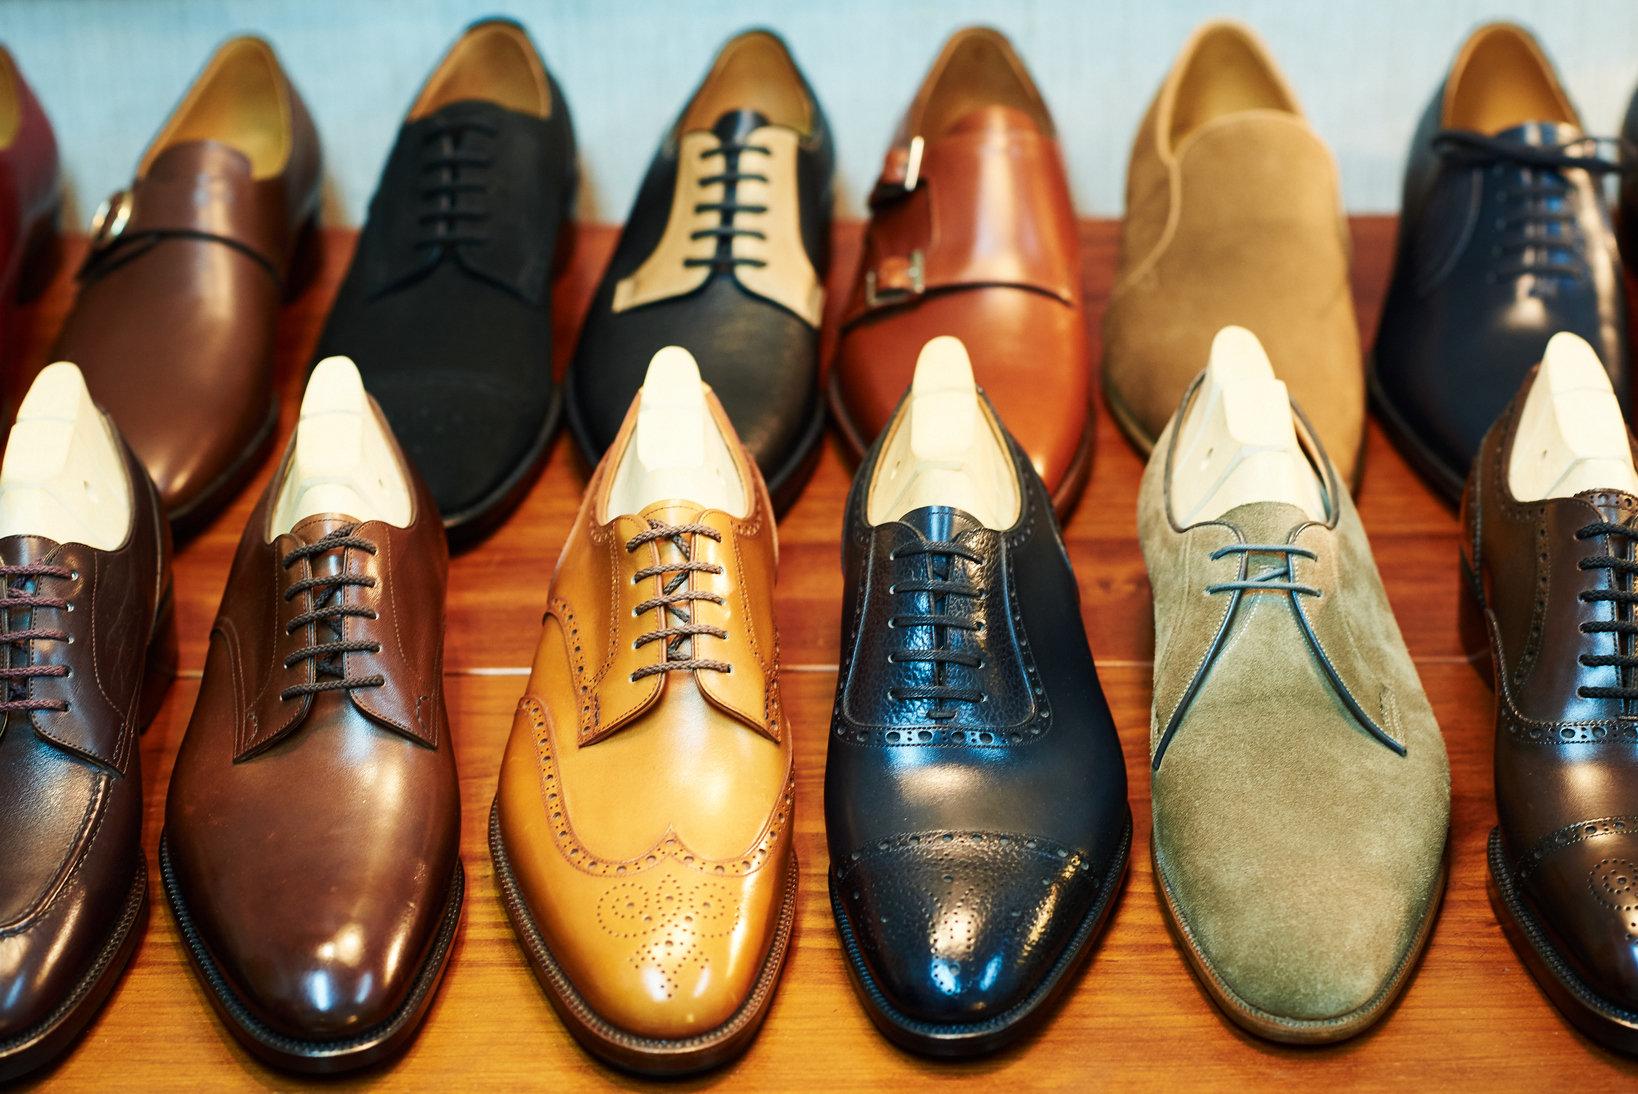 小笠原シューズの自社ブランド・συναντωの靴たち。スタイルは専らトラディショナルど真ん中だ。